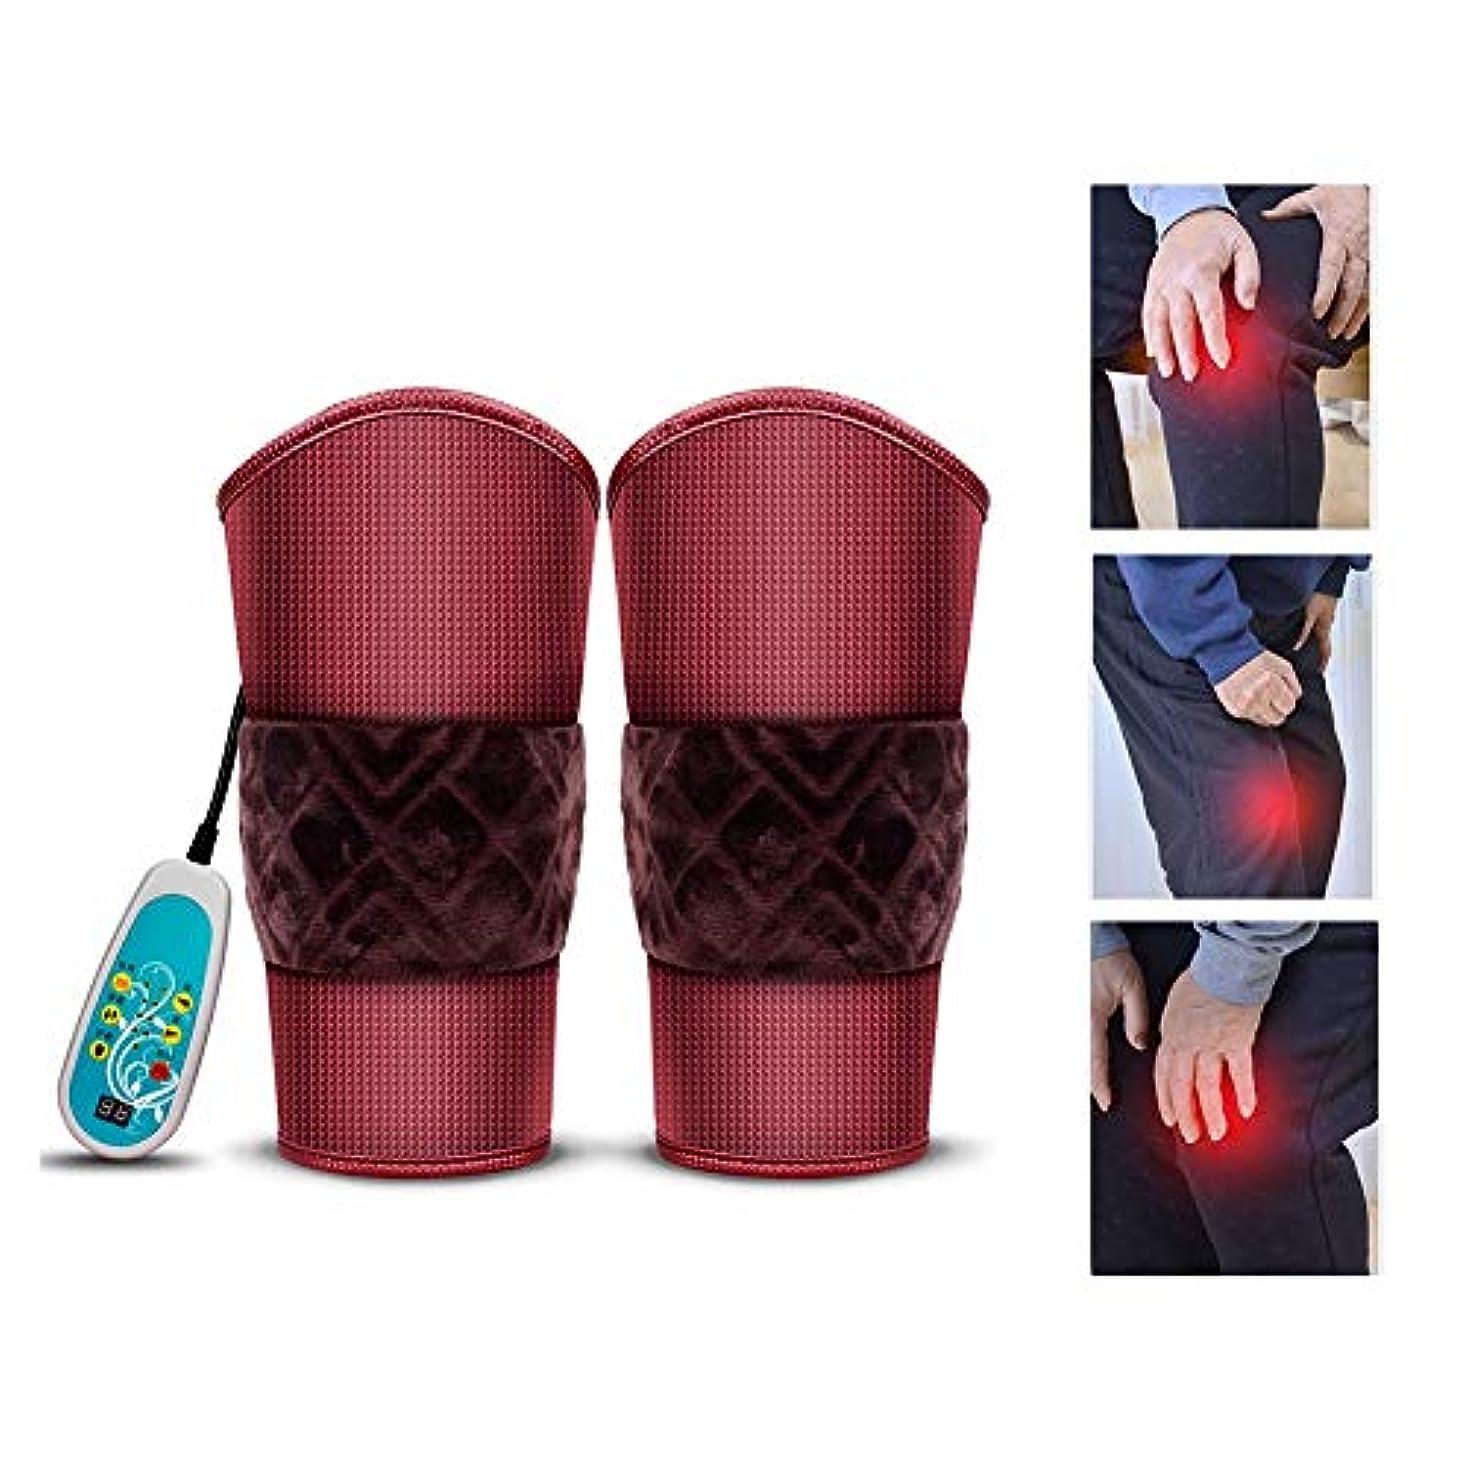 閃光セグメントまで加熱膝ブレースサポート - 膝ウォームラップヒーテッドパッド - 9マッサージモードと3ファイル温度のセラピーマッサージャー、膝の怪我、痛みの軽減